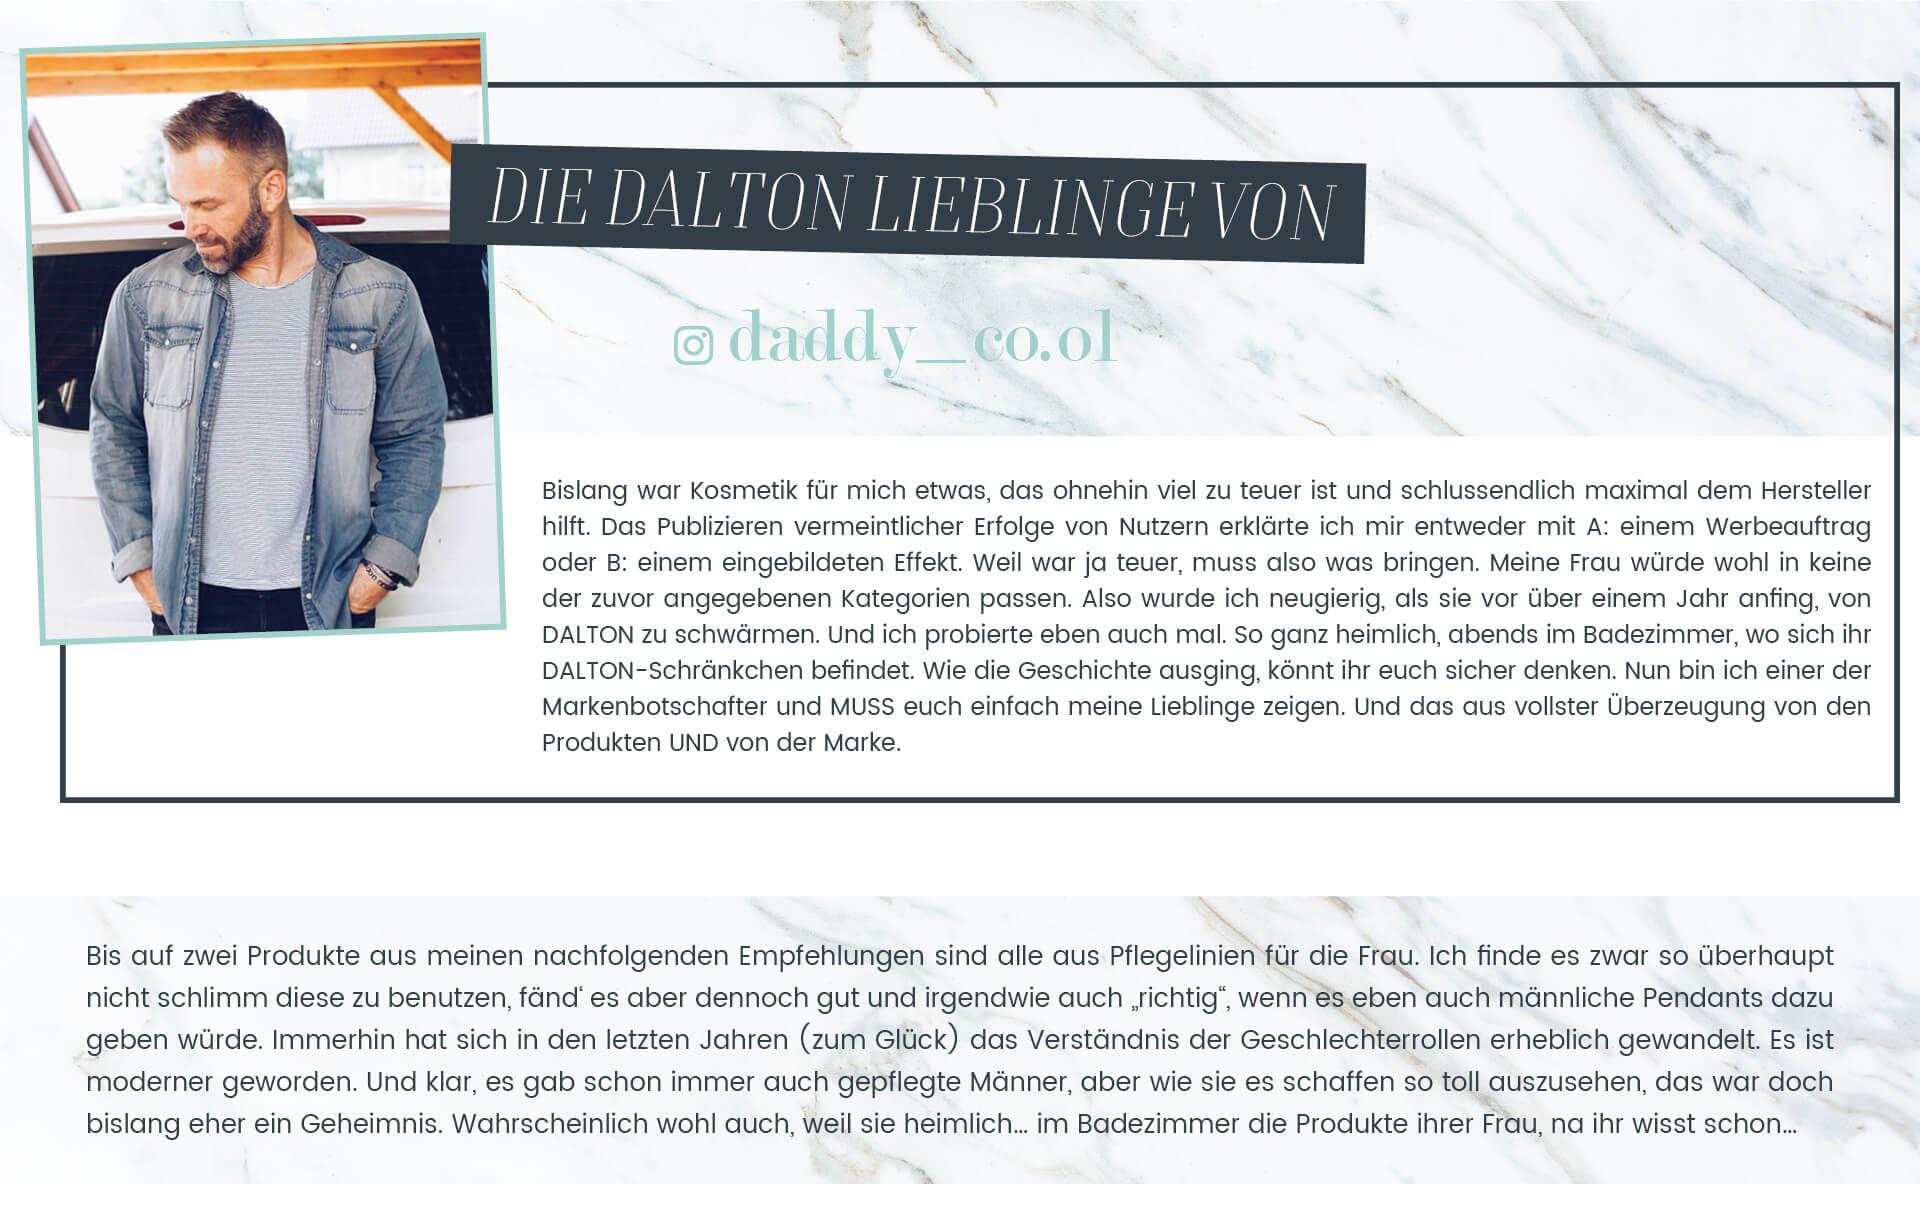 Die DALTON Lieblingsprodukte von daddy_co.ol